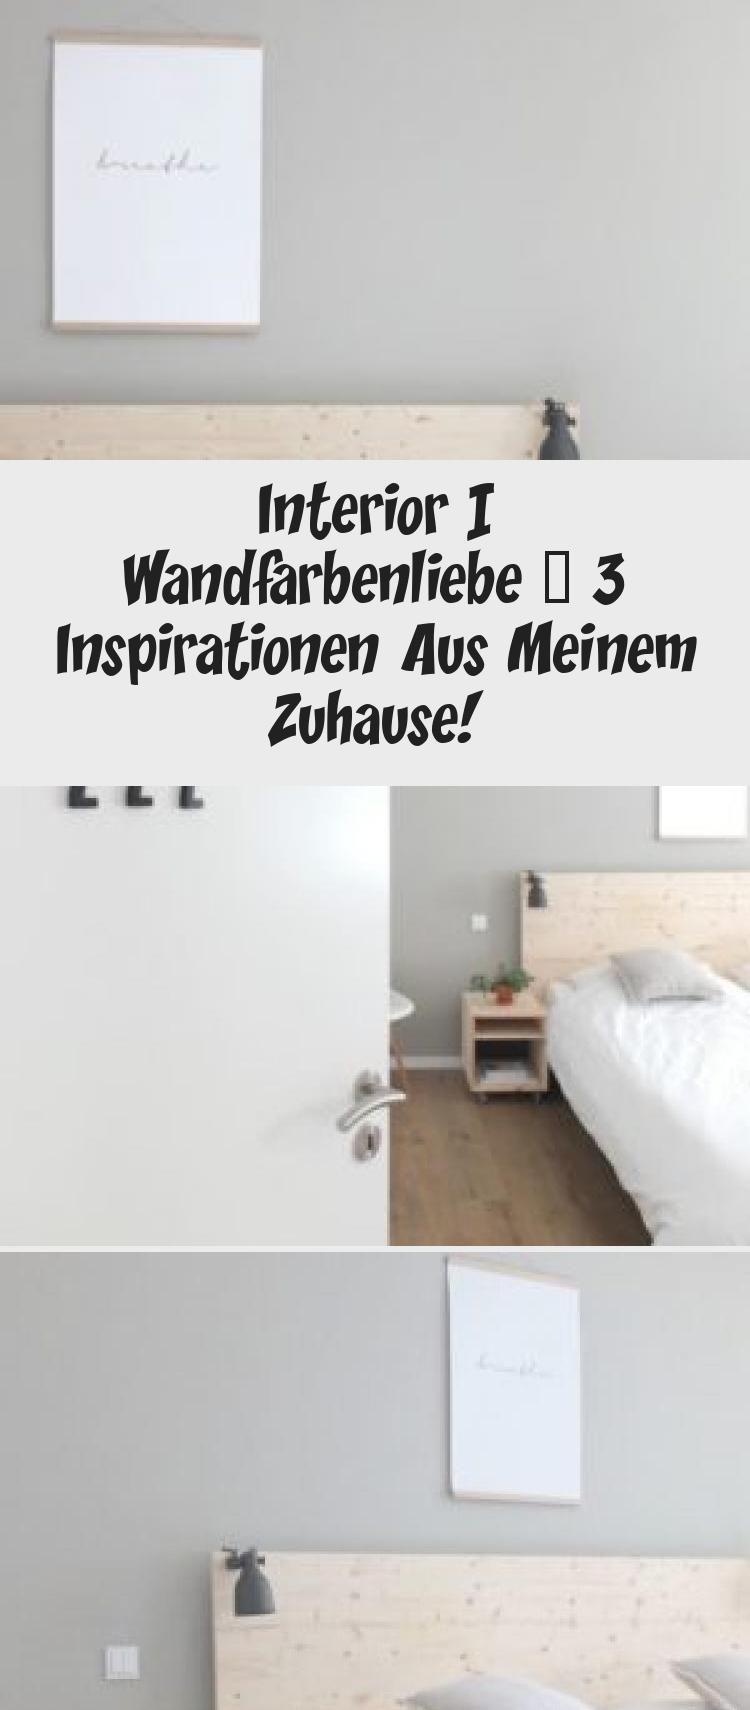 Interior Wandfarbenliebe 8211 3 Inspirationen Aus Meinem Zuhause Decor Home Decor Decals Home